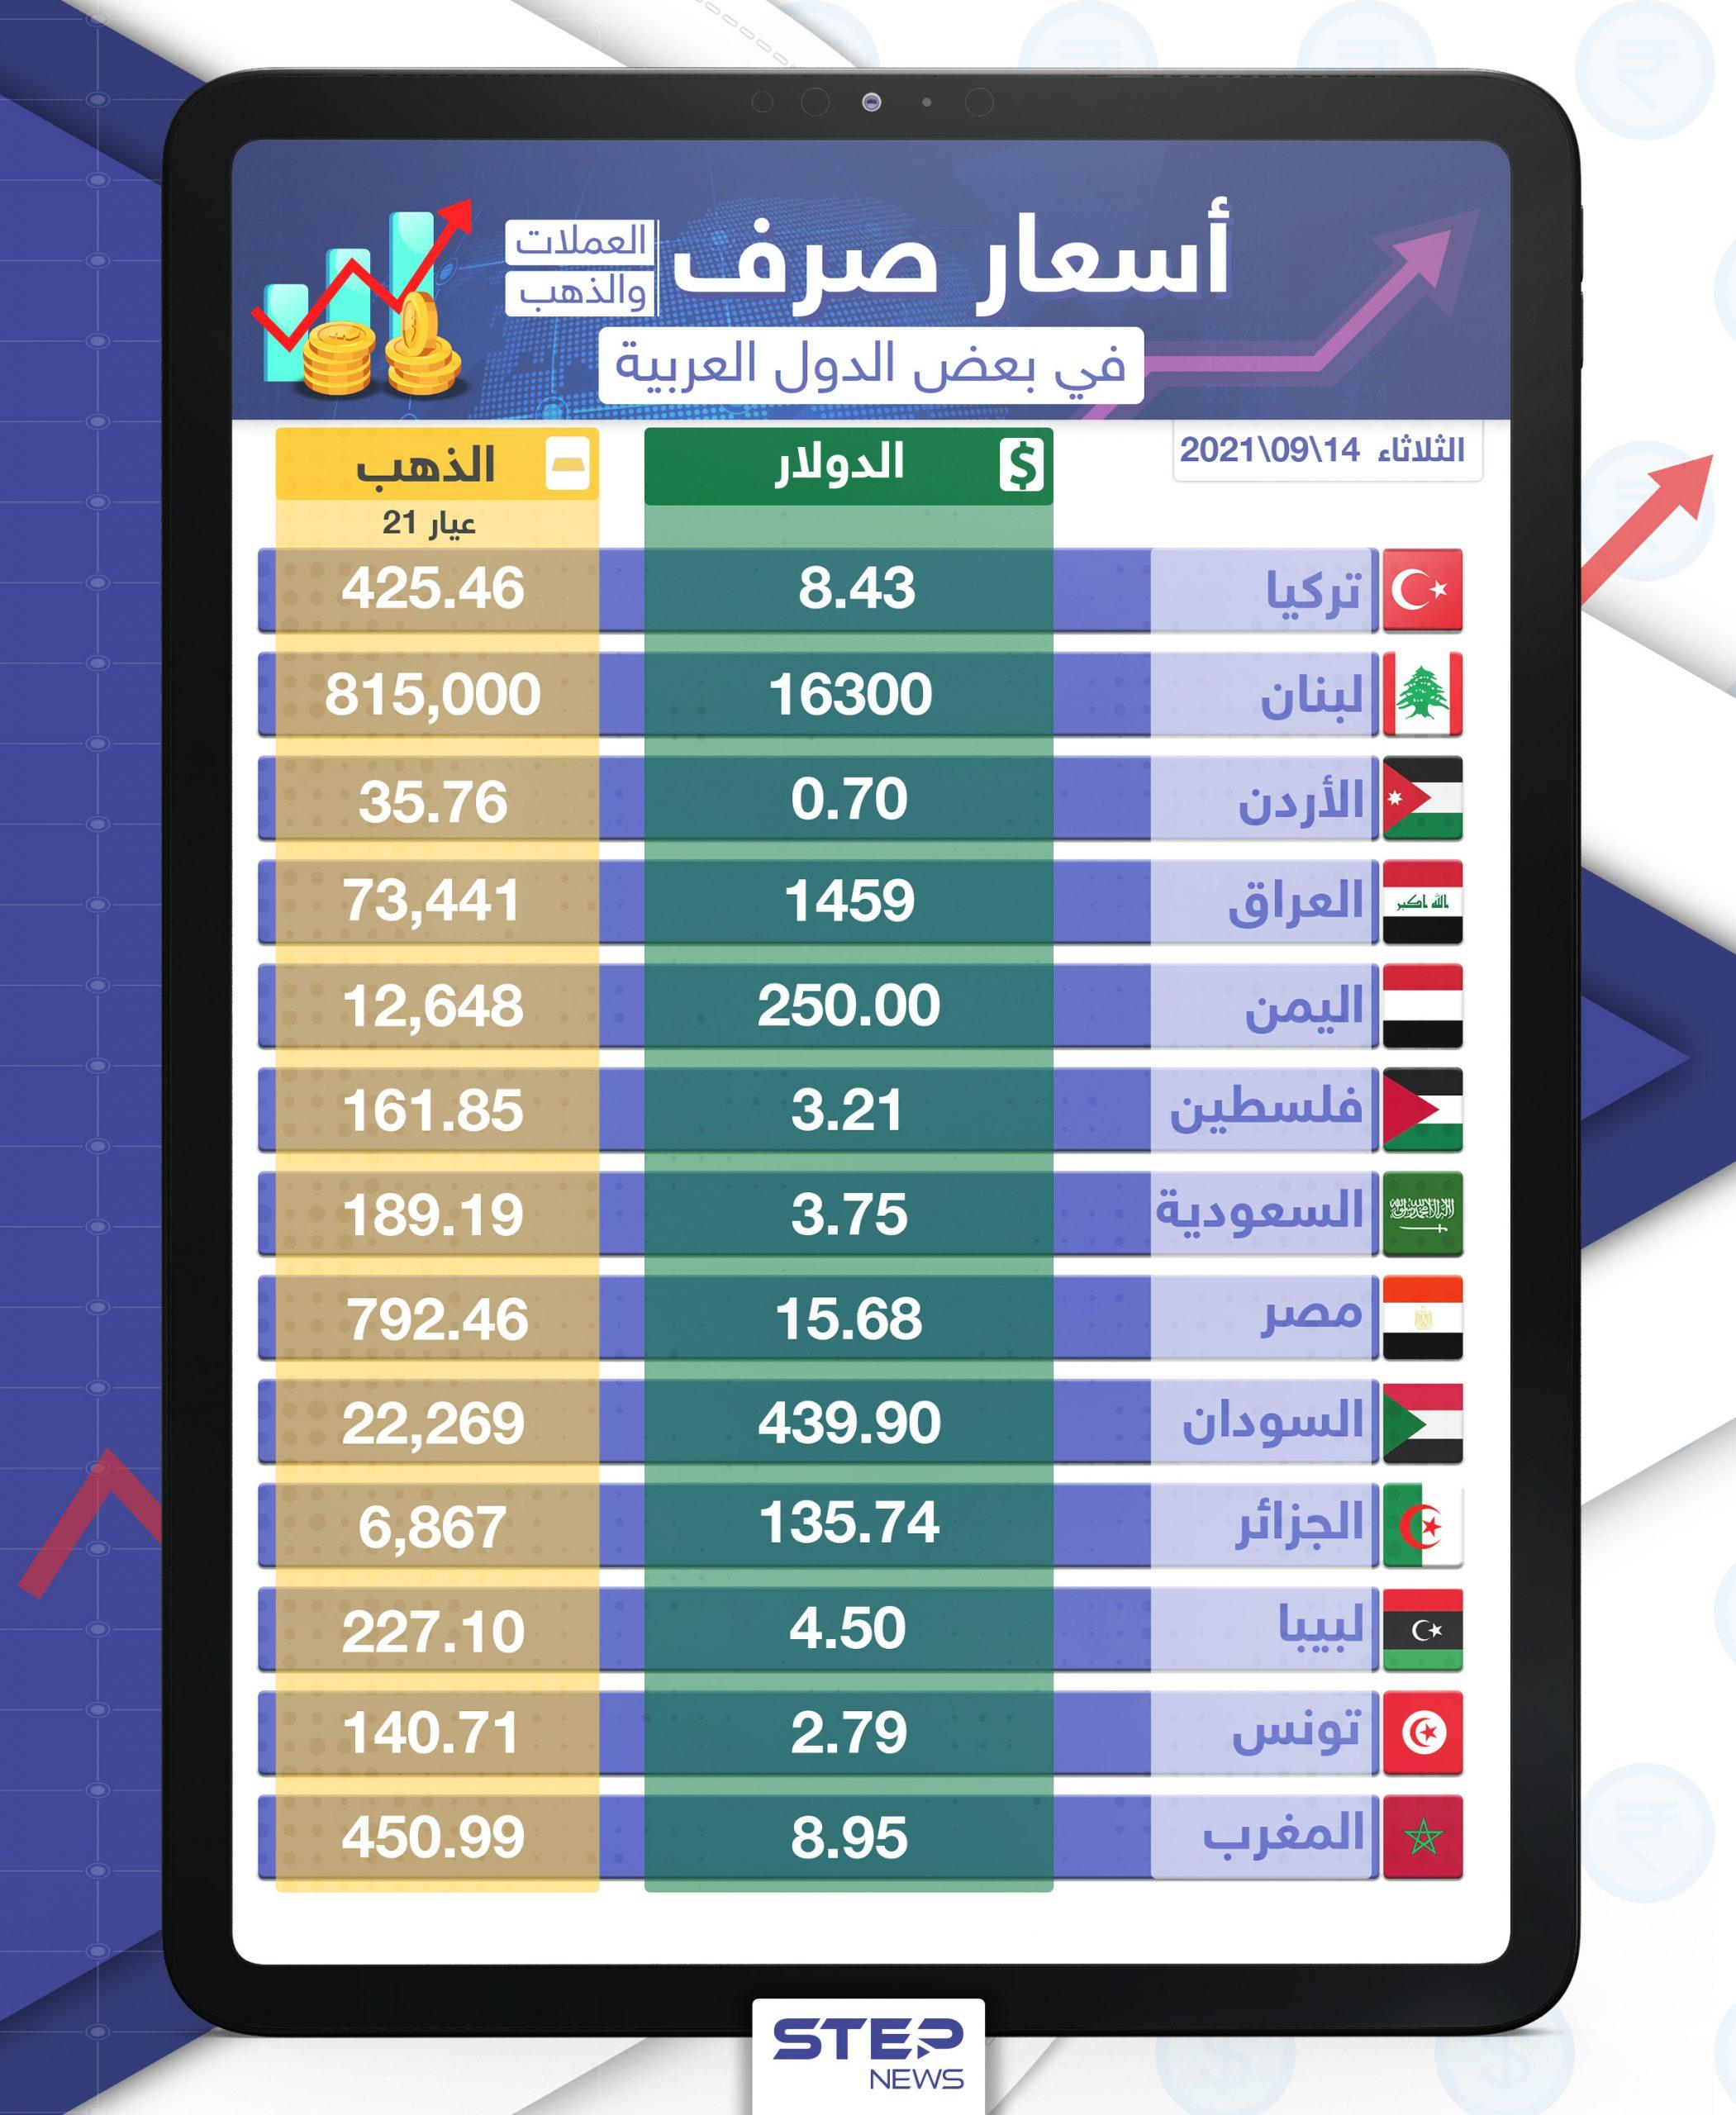 أسعار الذهب والعملات للدول العربية وتركيا اليوم الثلاثاء الموافق 14 أيلول 2021